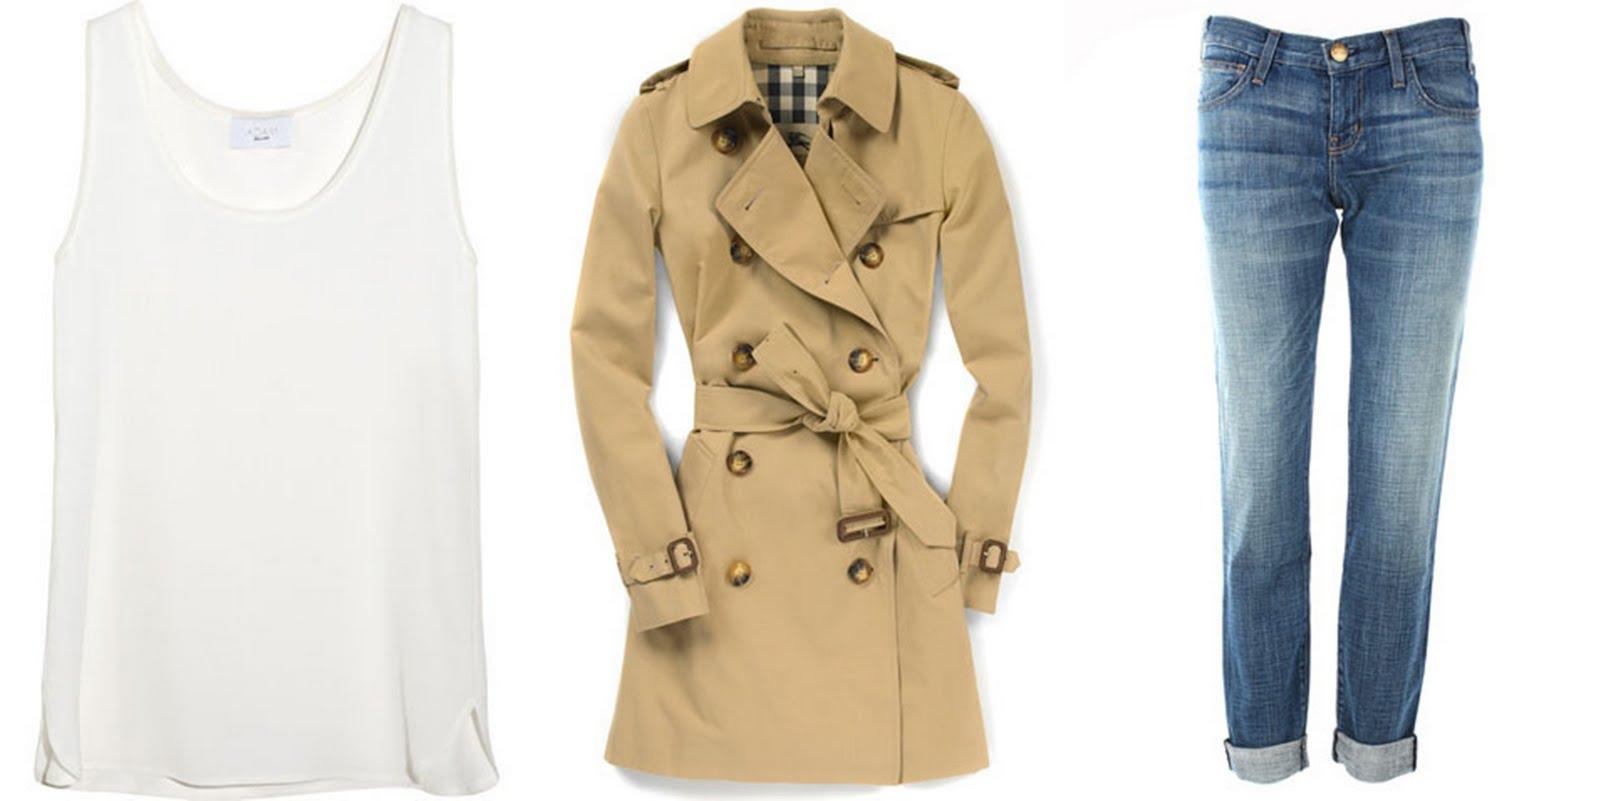 Top Performance Zip Jacket Lrg Hunter Green Sales